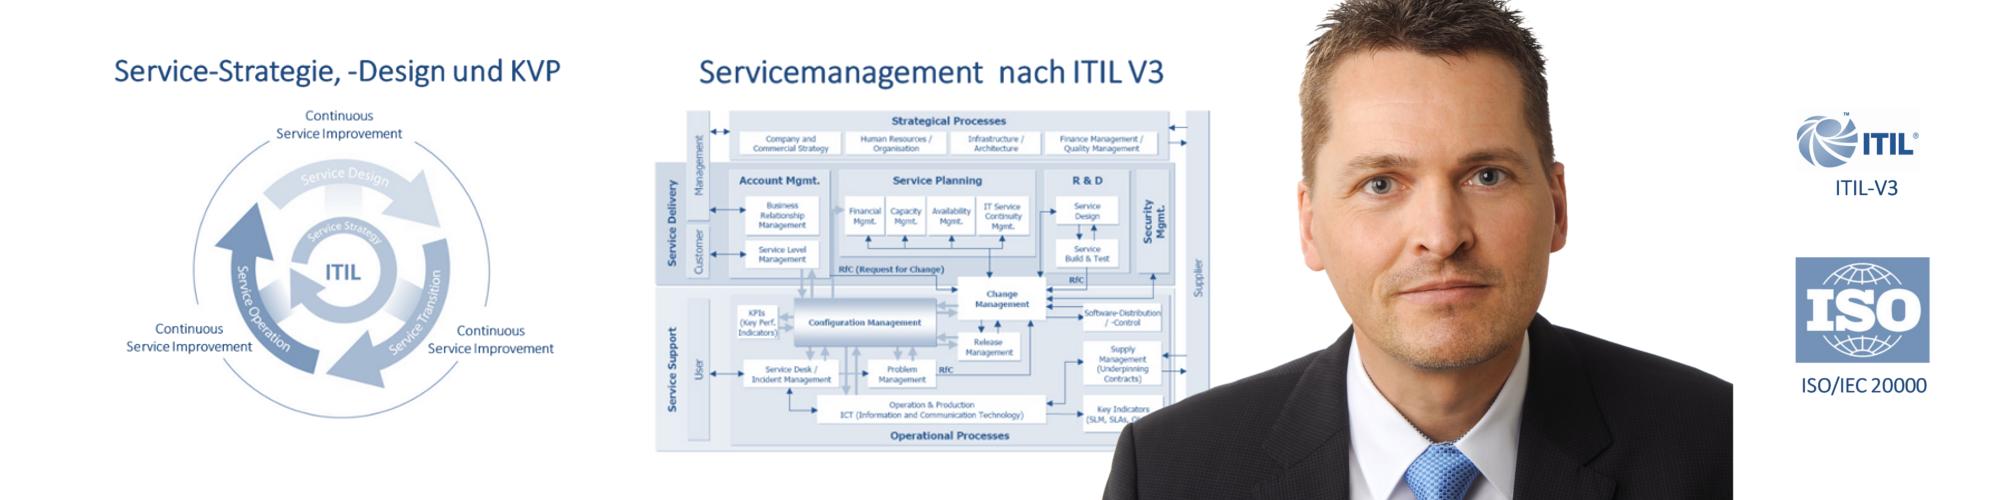 Dienstleistungen Servicemanagement